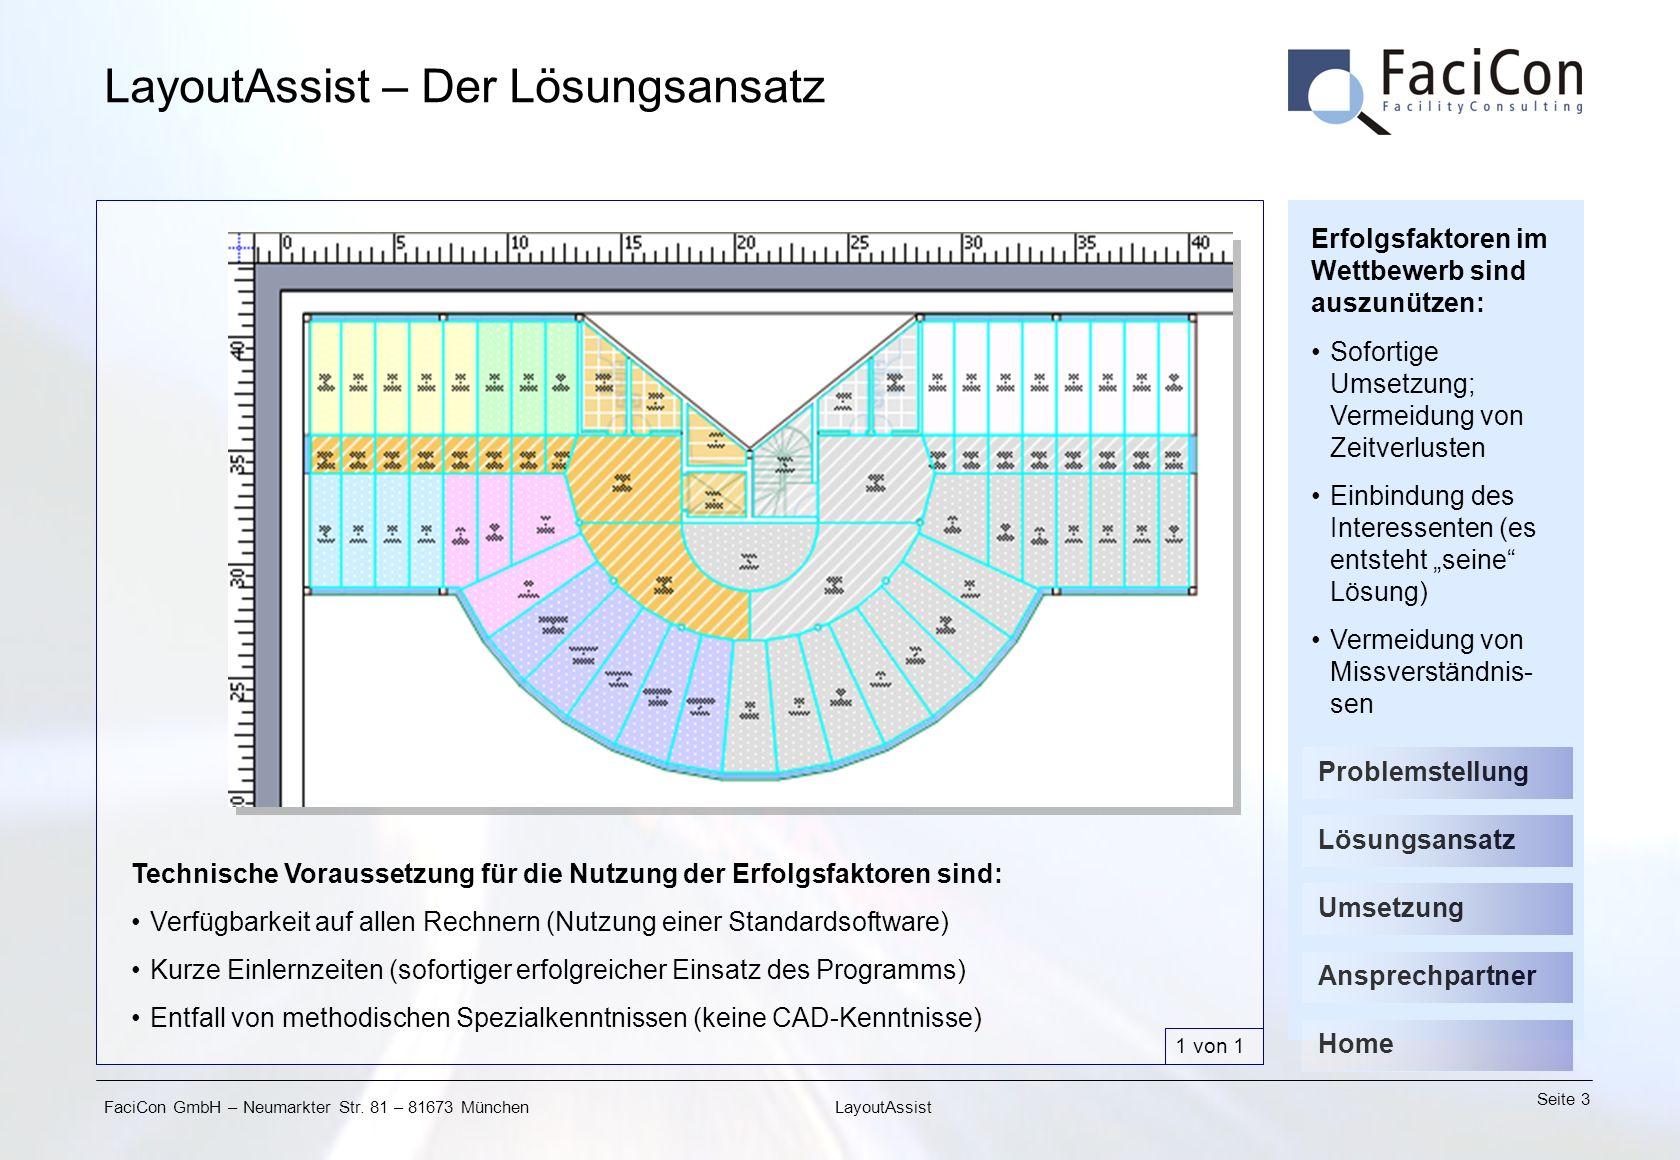 FaciCon GmbH – Neumarkter Str. 81 – 81673 München Seite 3 LayoutAssist LayoutAssist – Der Lösungsansatz Technische Voraussetzung für die Nutzung der E